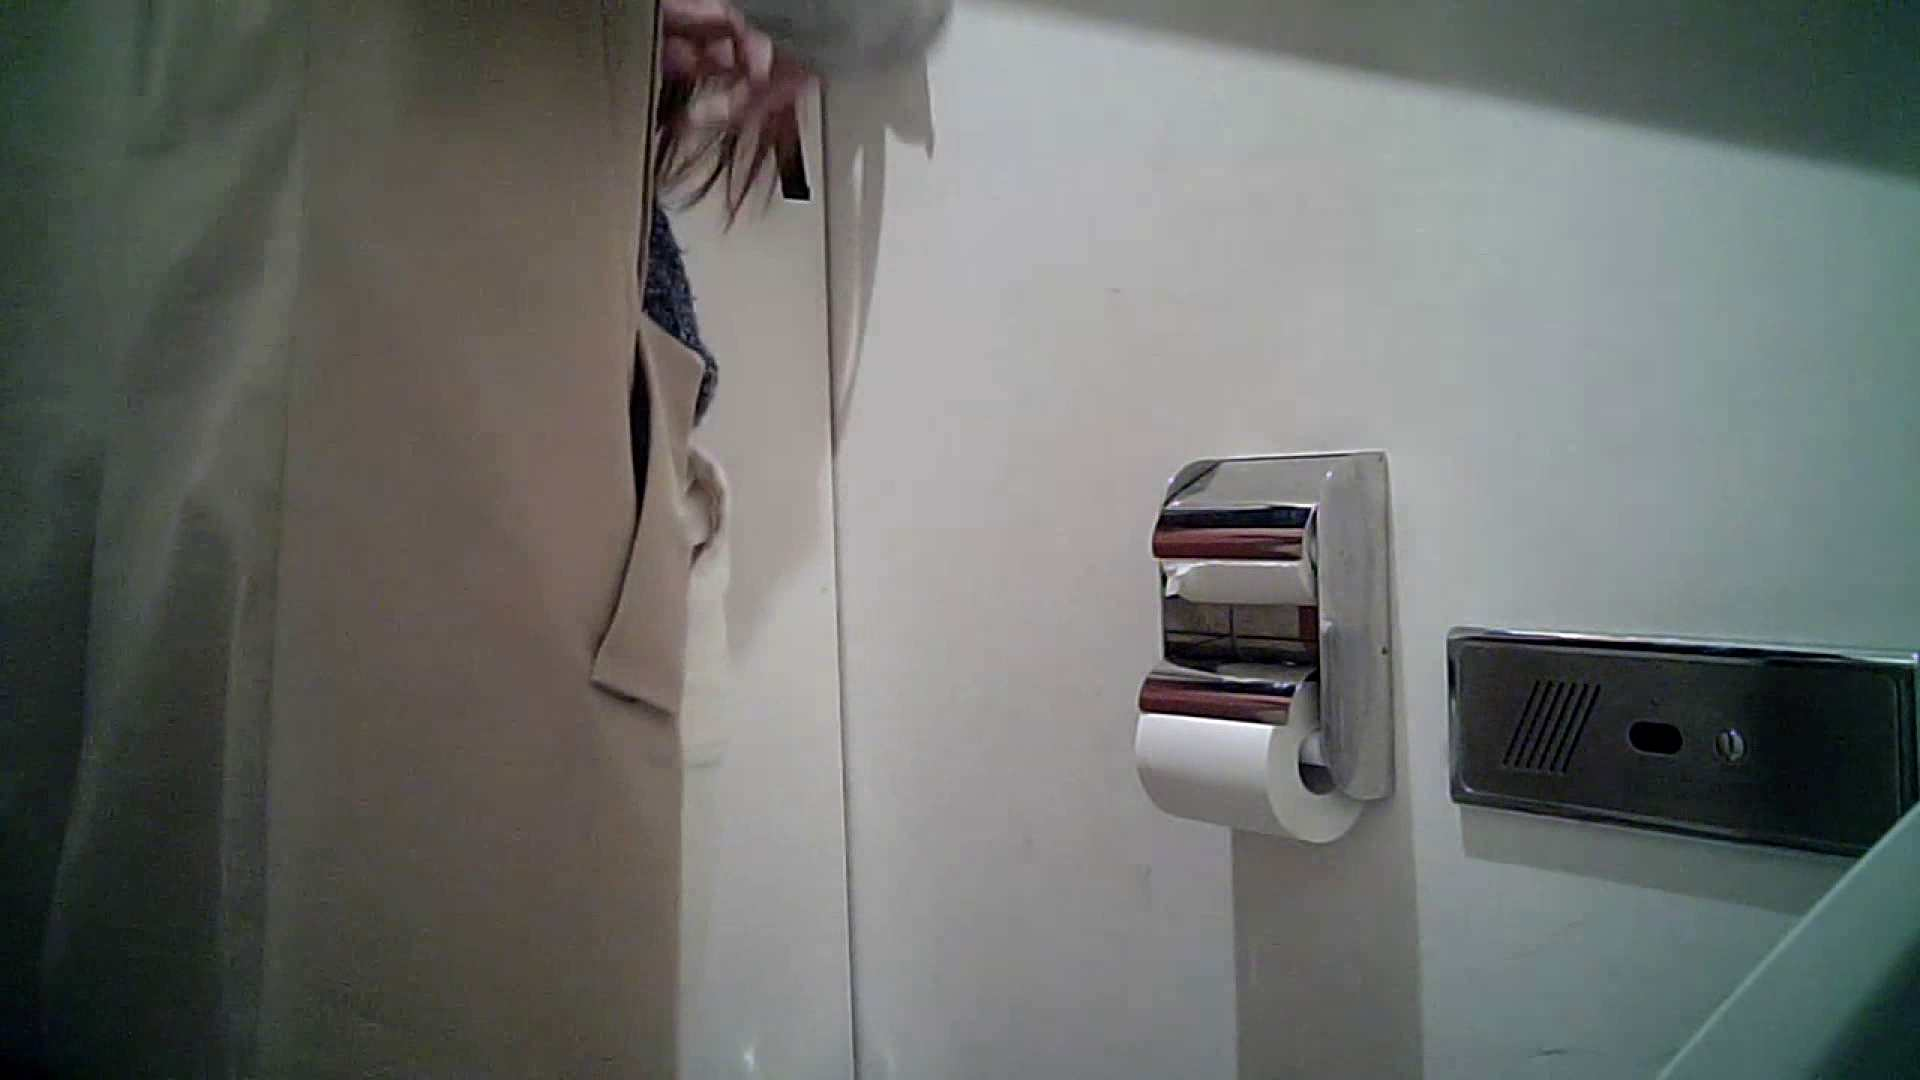 某有名大学女性洗面所 vol.26 和式 エロ無料画像 59PIX 46